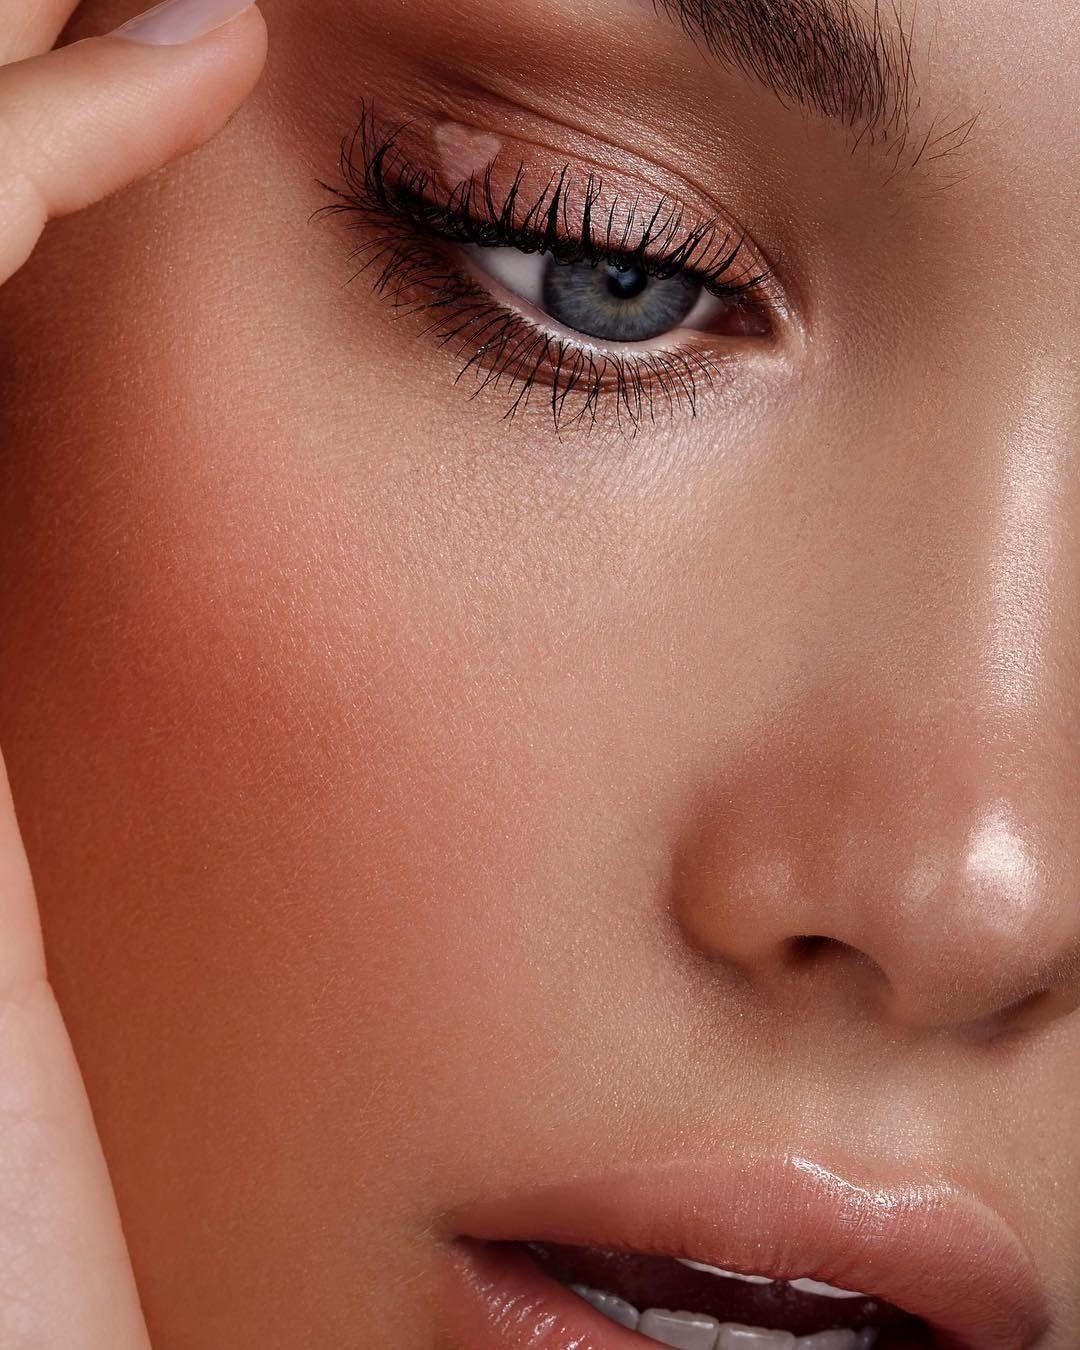 Pin by Maria Atanasova on Make up | Photoshop, Beauty